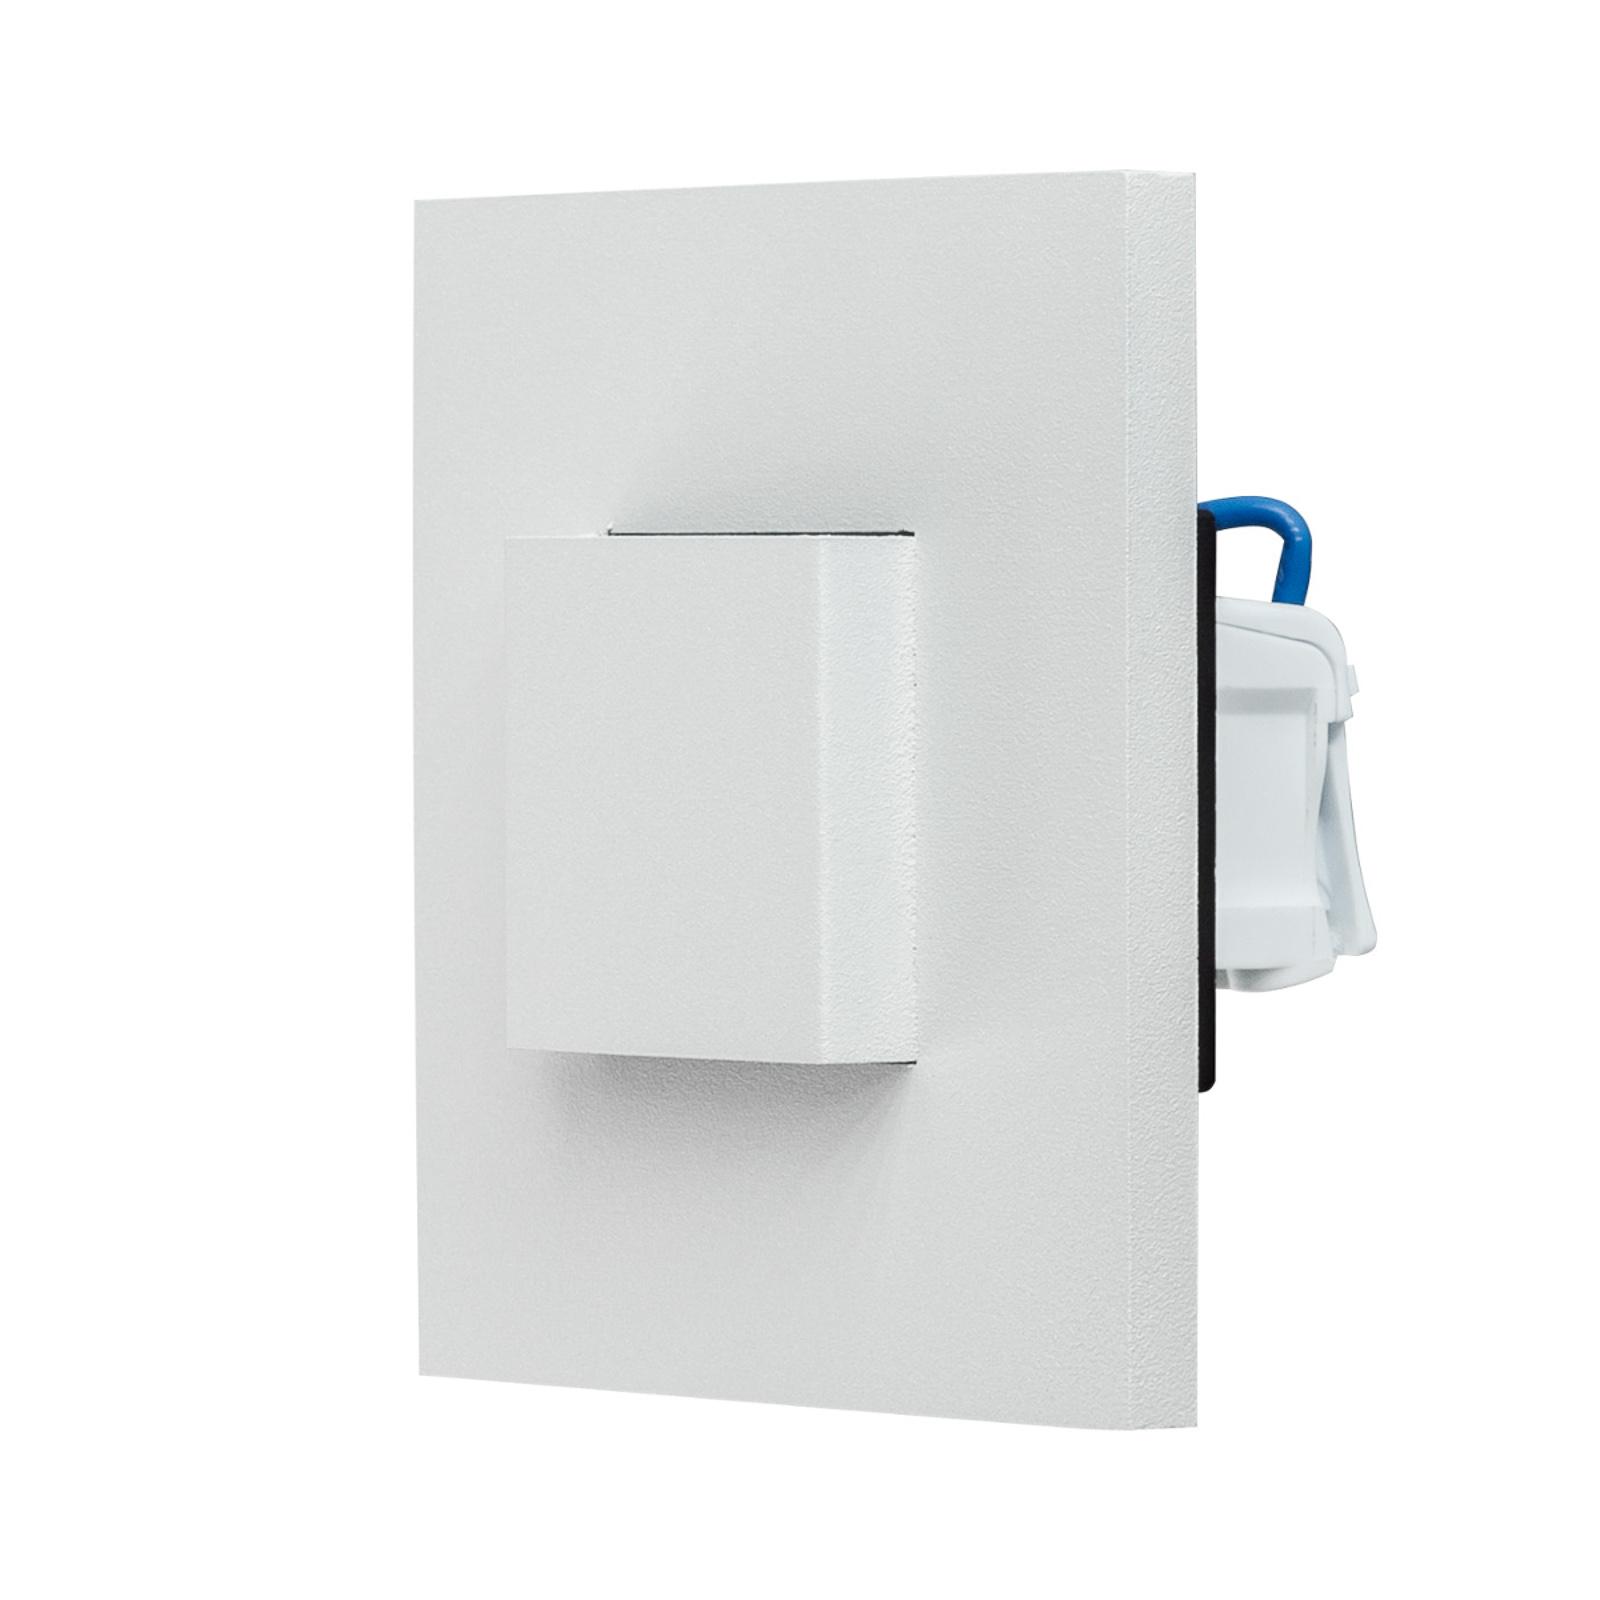 EVN LQ230 LED-Wandeinbauleuchte up/down weiß